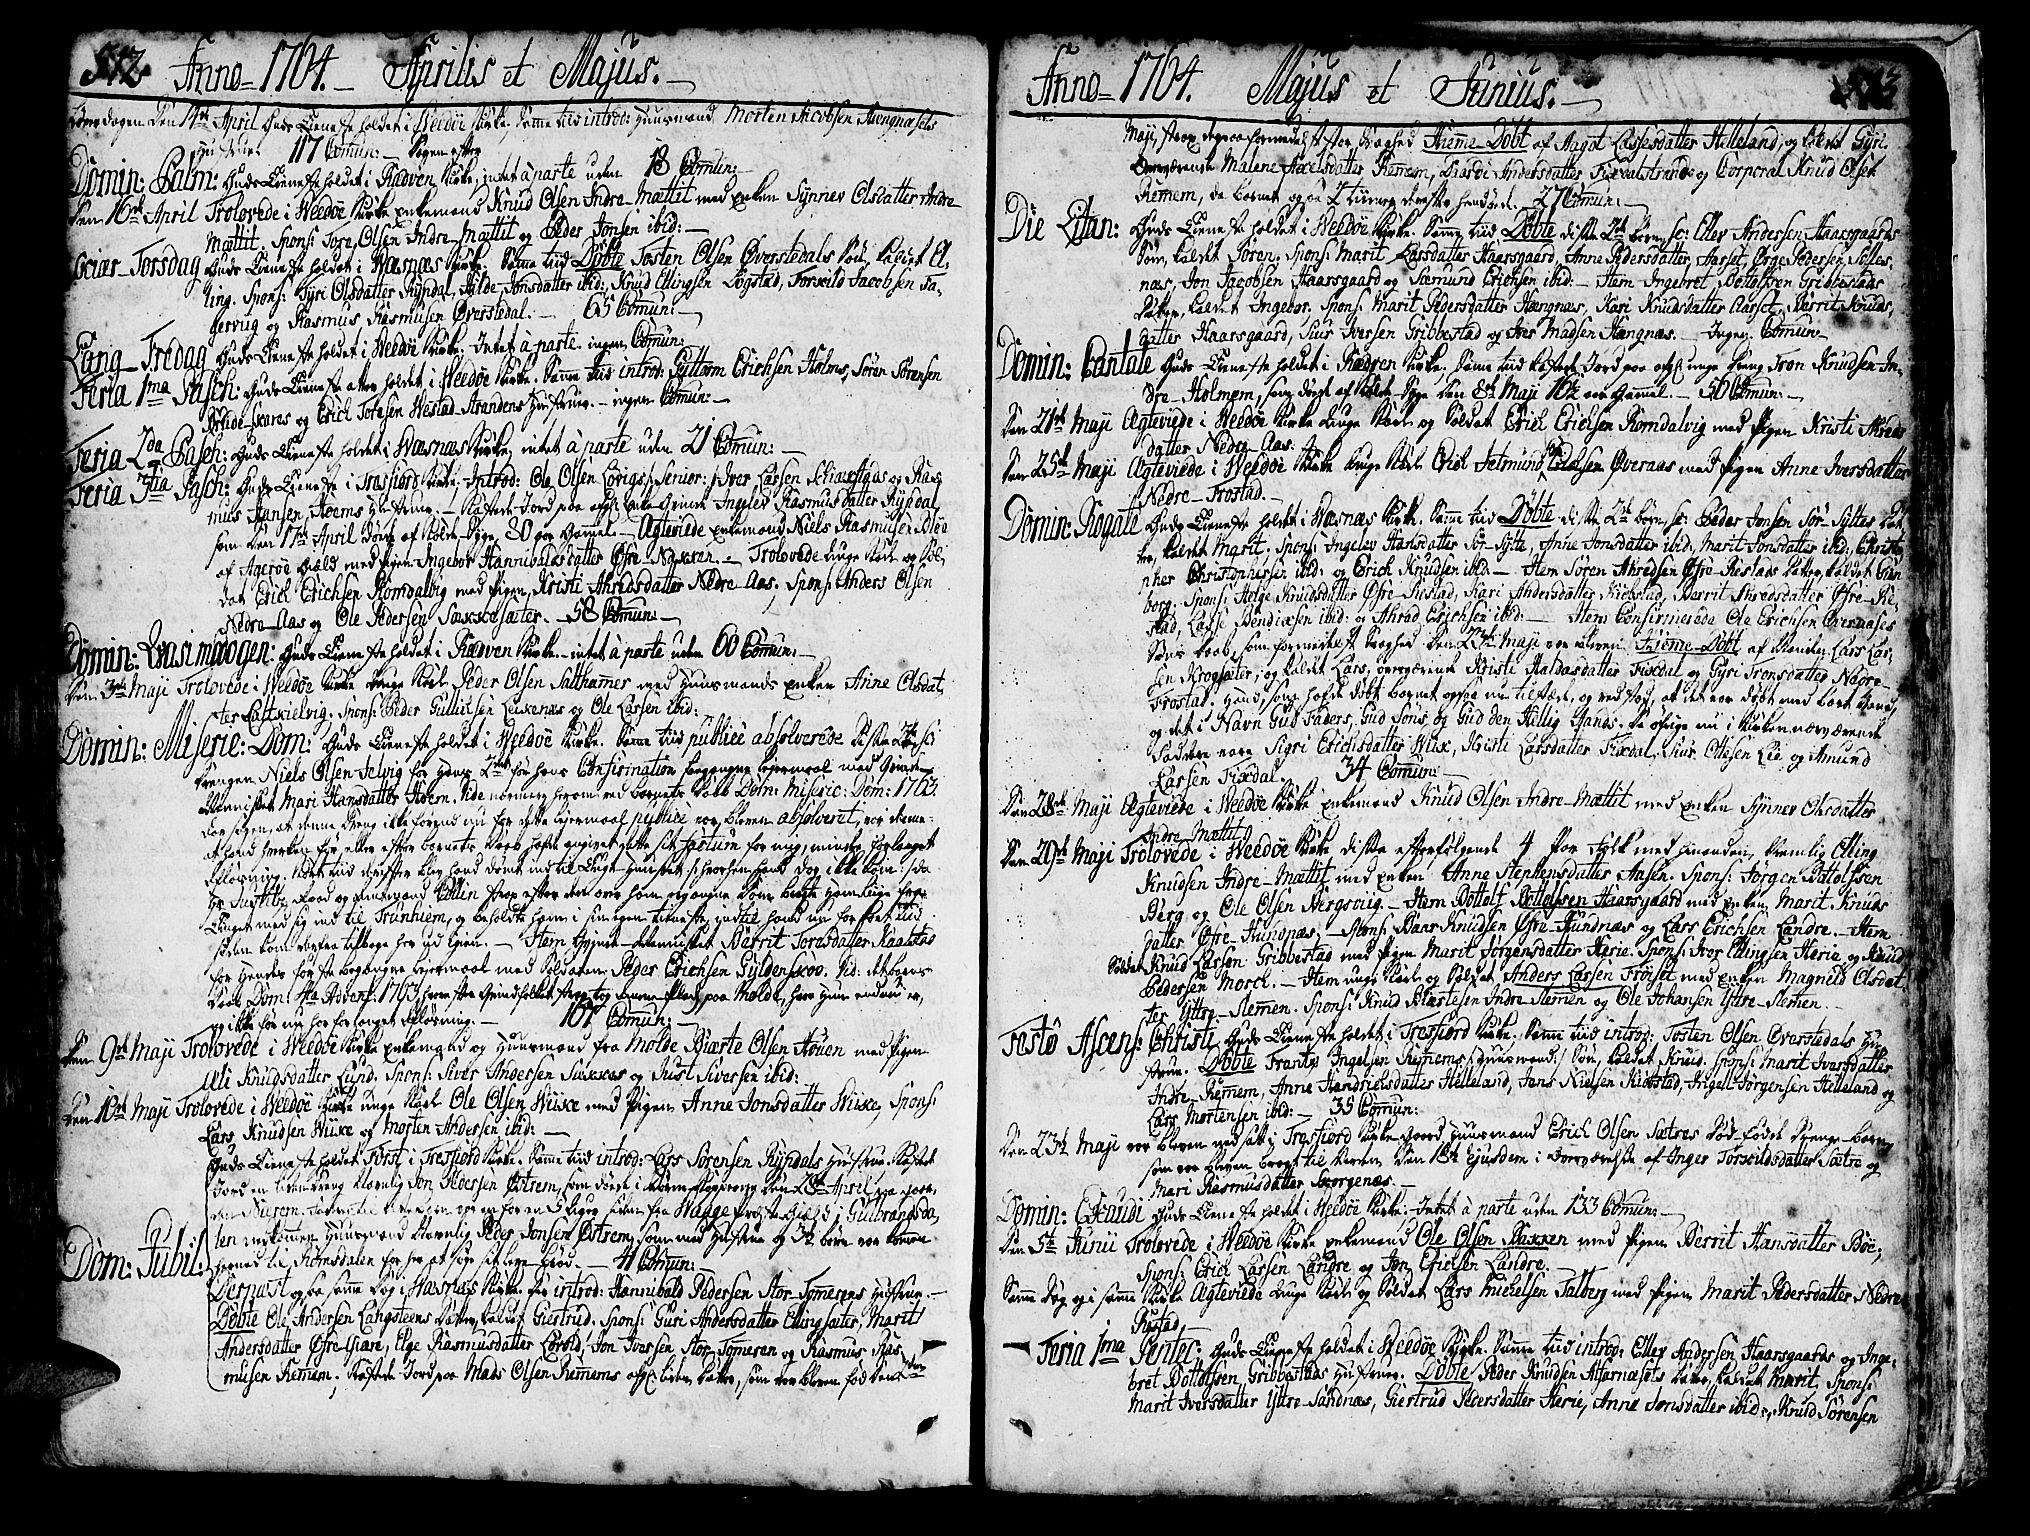 SAT, Ministerialprotokoller, klokkerbøker og fødselsregistre - Møre og Romsdal, 547/L0599: Ministerialbok nr. 547A01, 1721-1764, s. 512-513